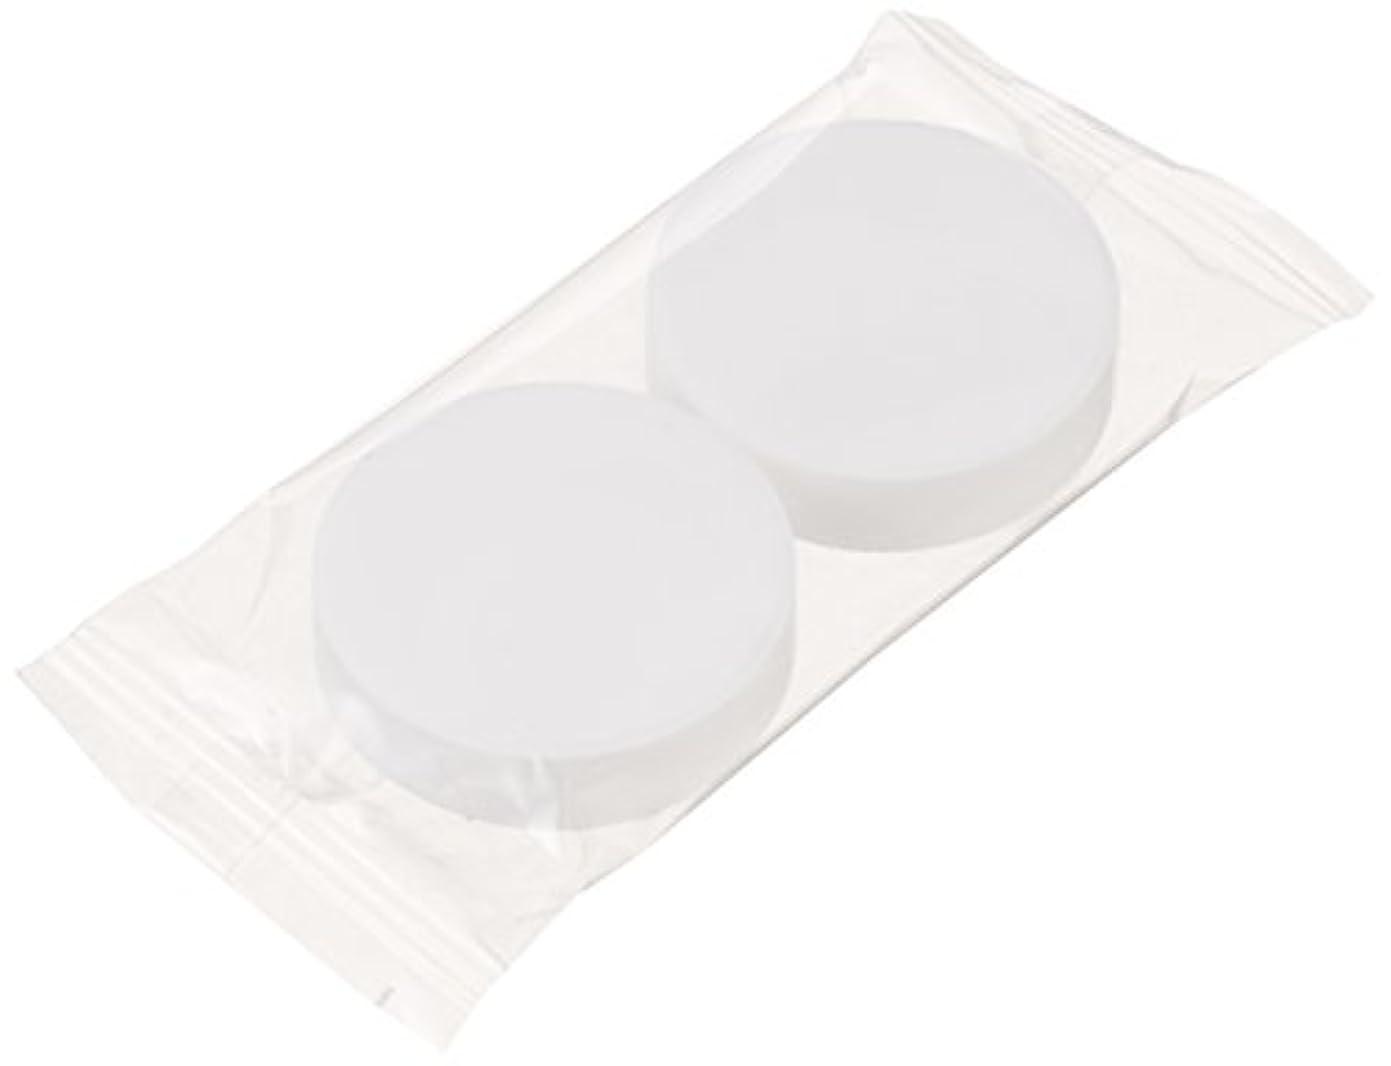 シダ法律によりなめらか重炭酸SPA 16g×36錠入 3箱セット